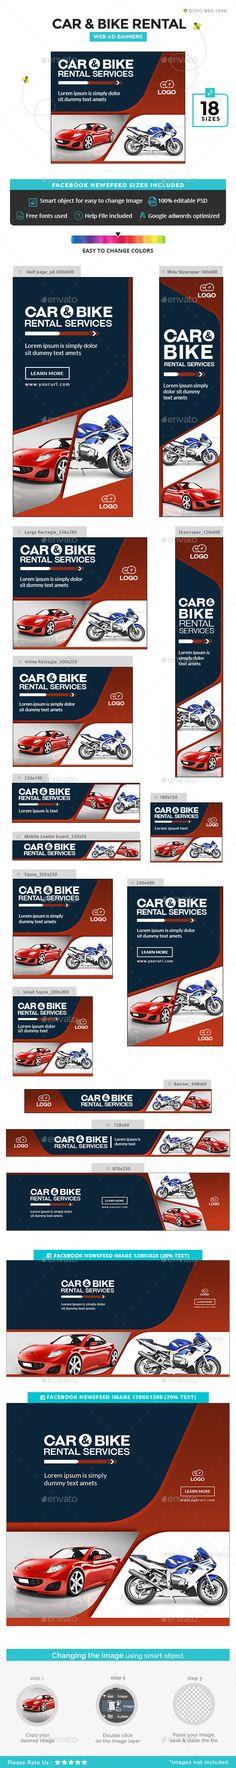 Car and Bike Rental Banners